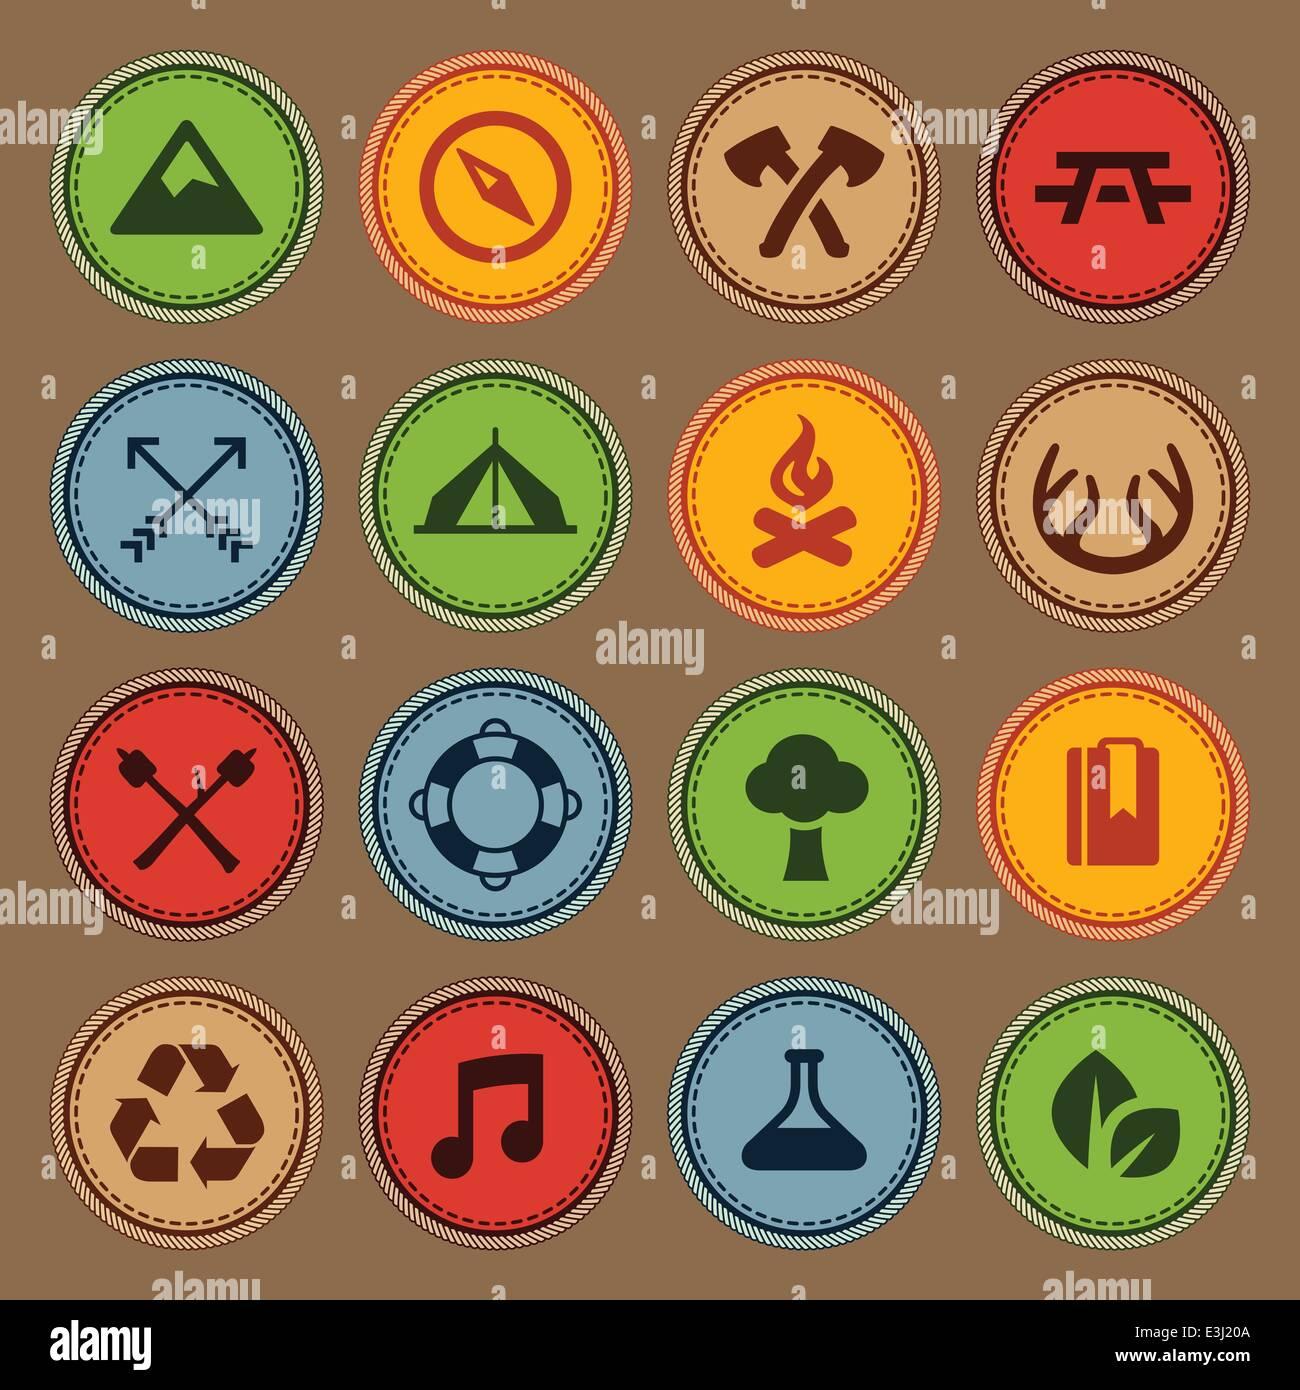 Set of merit achievement badges for outdoor activities - Stock Image